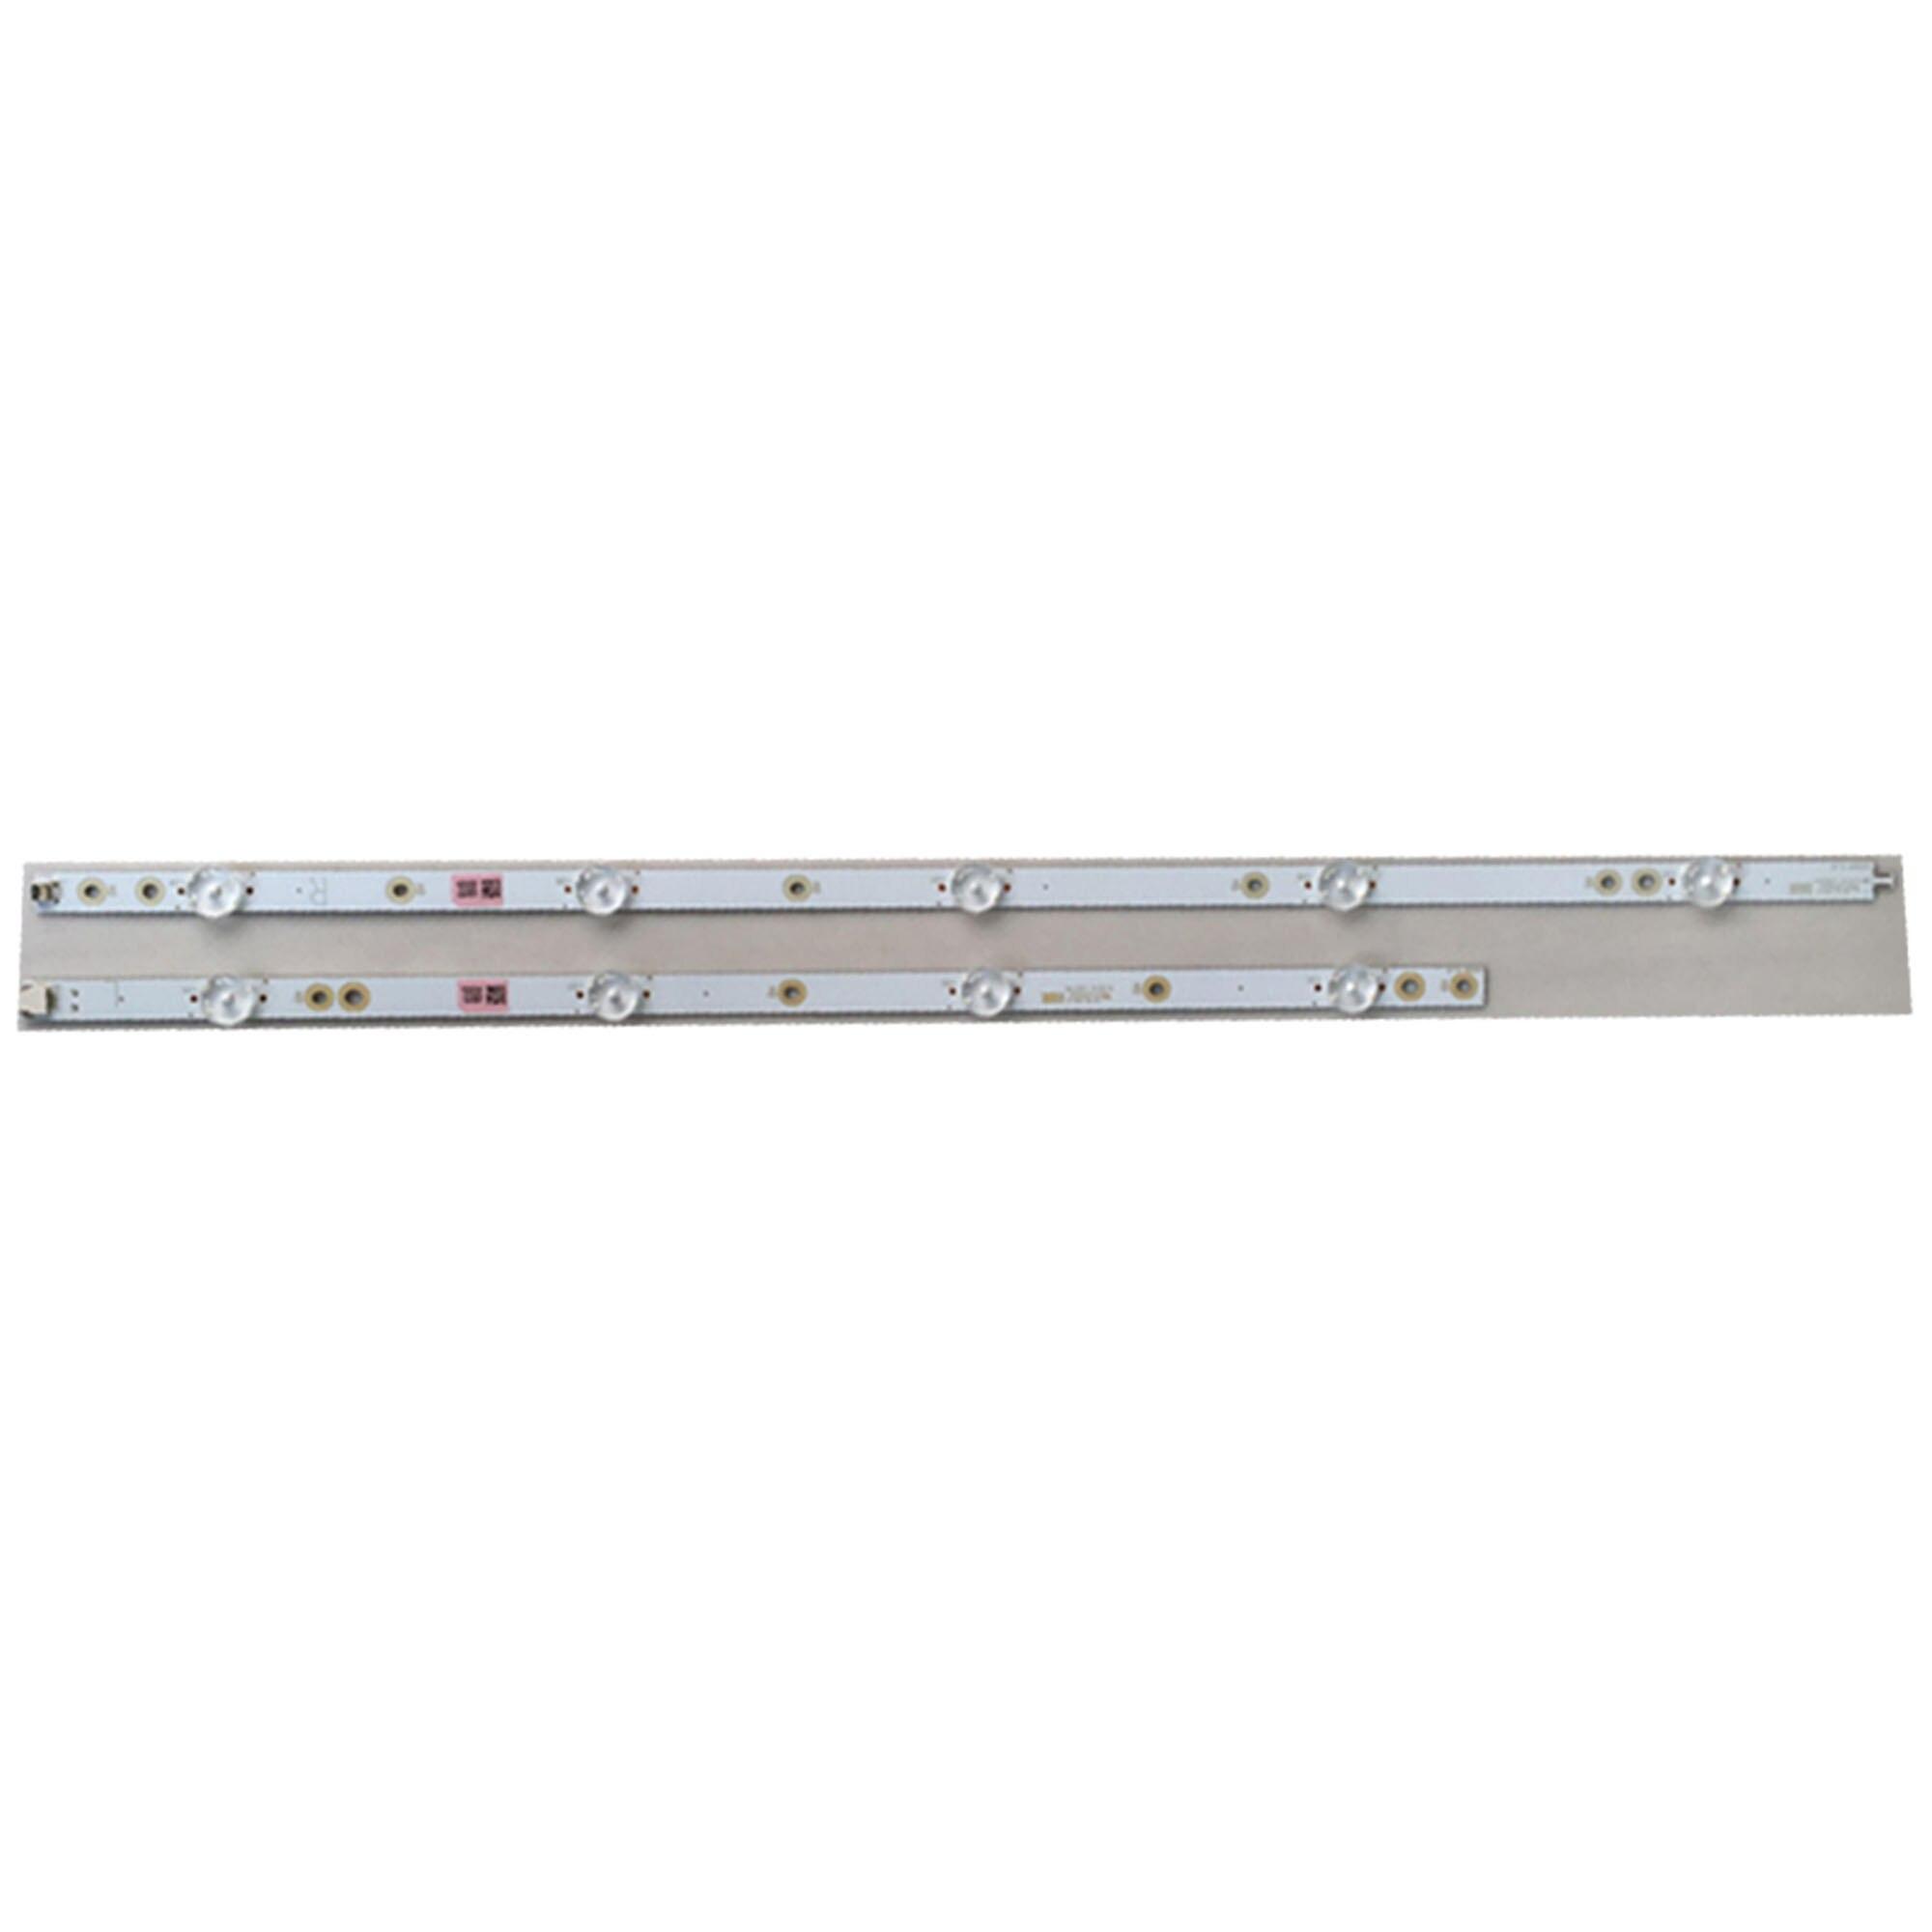 Tira de led para iluminación trasera 6 lámpara para la INSIGNIA de NS-32DR310NA17 TH-32D500C JL.D32061330-004BS-M 318AS 10151A 4C-LB320T-JF4 LED-32B750